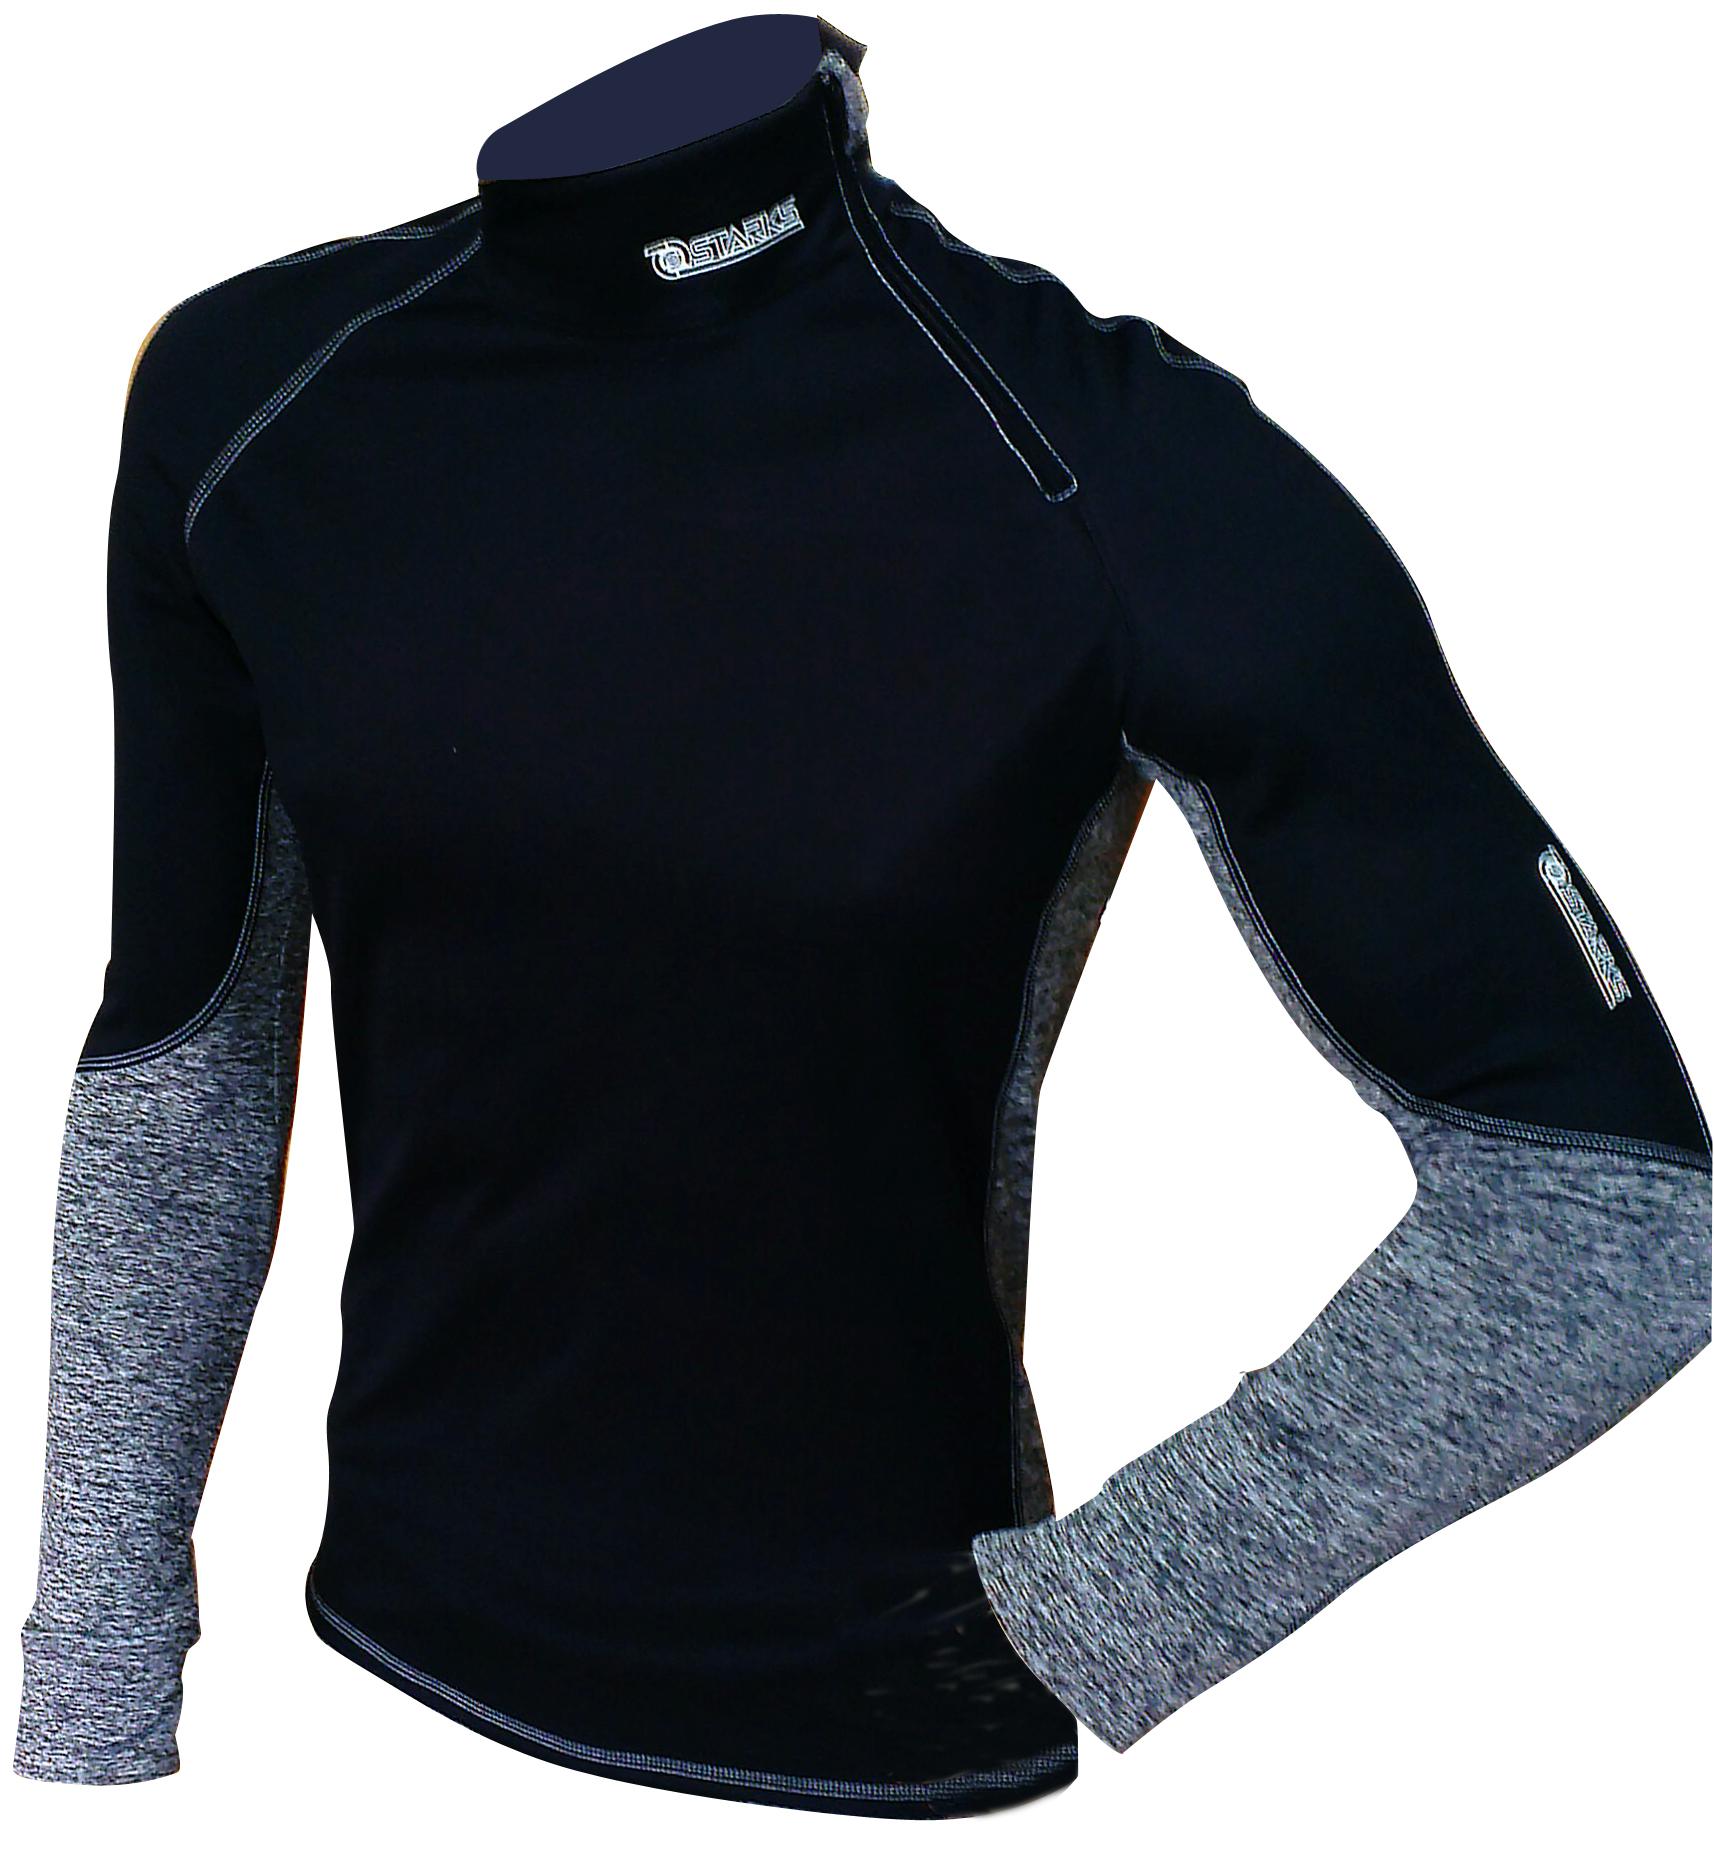 Термобелье кофта Starks Warm Extreme, зимняя, цвет: черный. Размер XXLЛЦ0024_XXLвысокотехнологичное термобелье, гарантированно на 100% не пропускает ветер, хорошо тянется и выпускает влагу наружу. Белье рекомендуется для использования не только спортсменам зимних видов спорта, но и парашютистам, мотоциклистам, велосипедистам -всем кто испытывает дискомфорт при сильном ветре, повышенной влажности. Анатомическое, выполнено из Европейской сертифицированной ткани Polarstretchи Windstopper. Высокие эластичные свойства материала позволяют белью максимально повторять индивидуальную анатомию тела. Отличные влагоотводящиесвойства, позволяют телу оставаться сухим. Термоизоляционные свойства, позволяют исключить переохлаждение или перегрев. Воротник стойка обеспечивает защиту шеи от холода. Молния -легкое одевание кофты. Особенности: STOP BACTERIA-Ткань с ионами серебра, предотвращает образование и развитие бактерий. Исключено образование запаха. Защита от перегрева или переохлаждения Система мягких и плоских швов Гипоаллергенно Состав:...